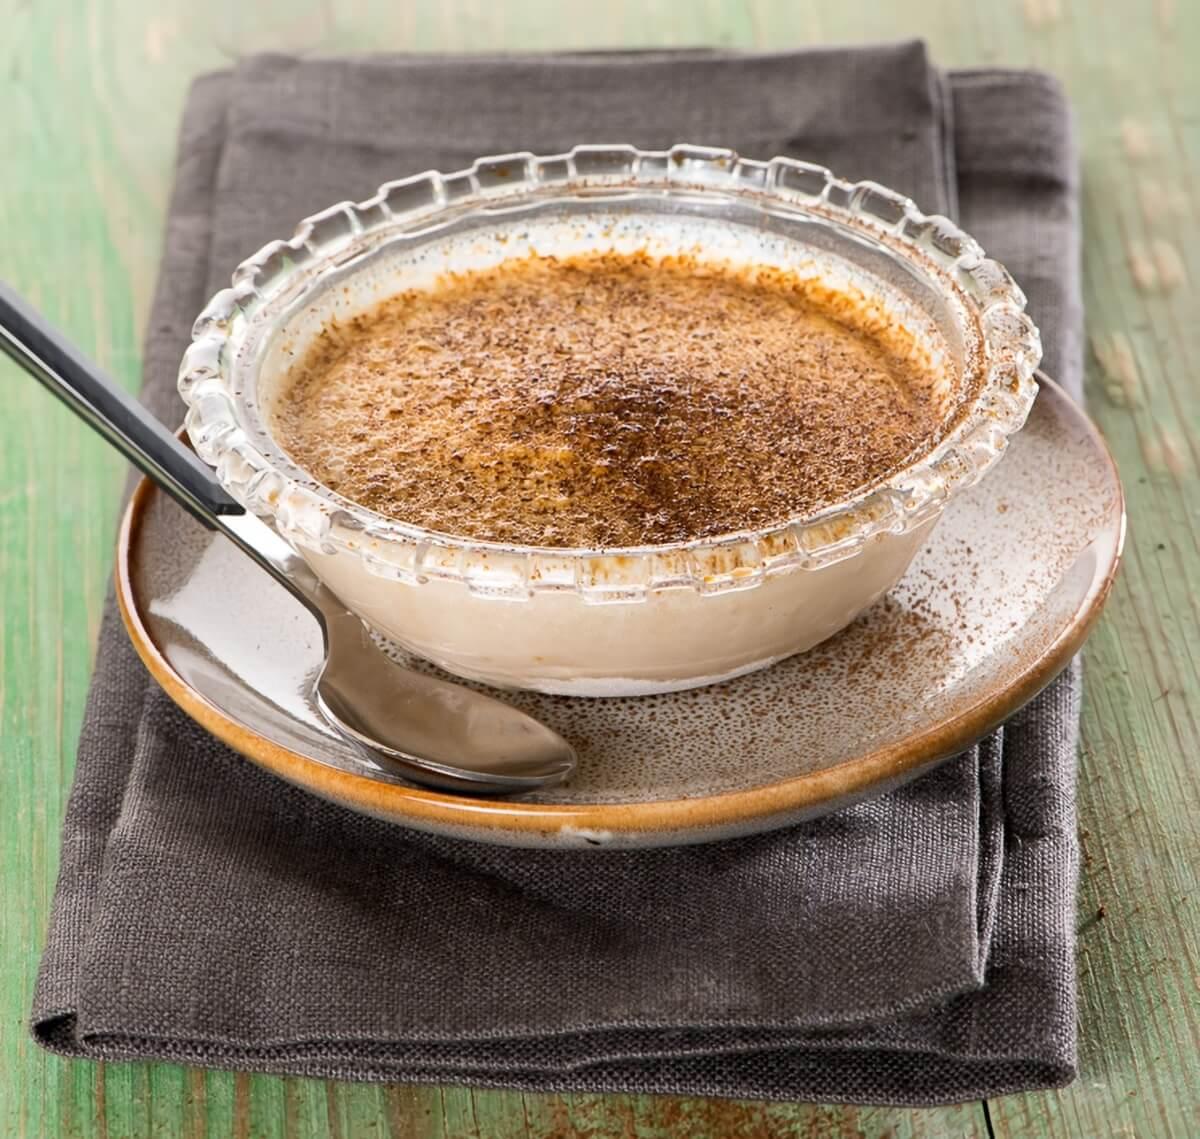 Delicioso sambayón de café | Lasrecetasdelchef.com